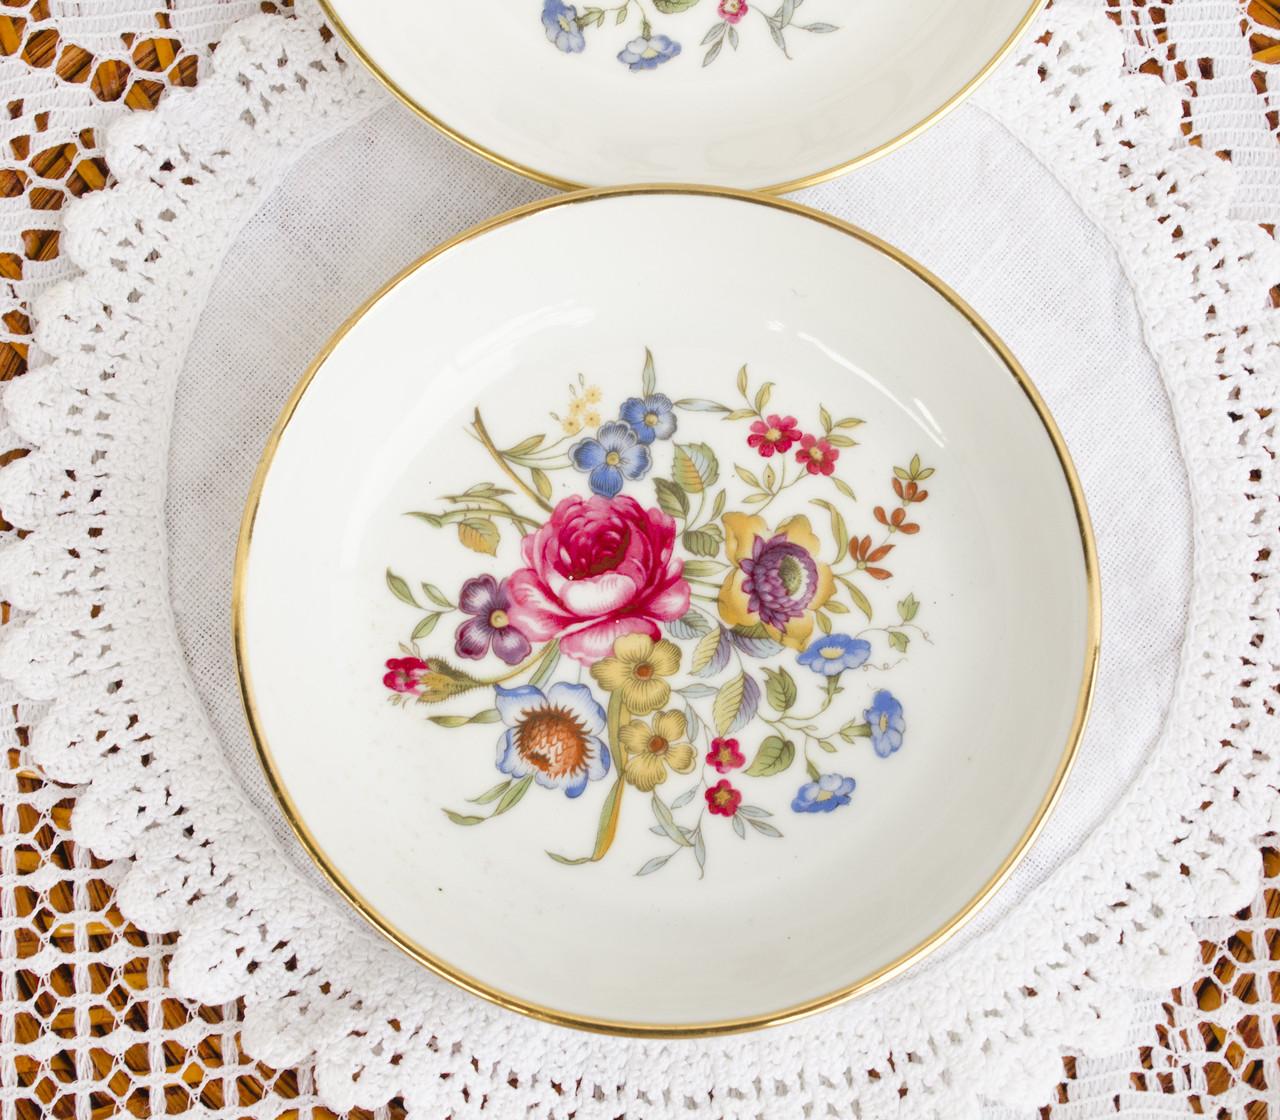 Фарфоровая тарелочка, блюдце для кодлера, розетка для варенья от Royal Worcester, Англия